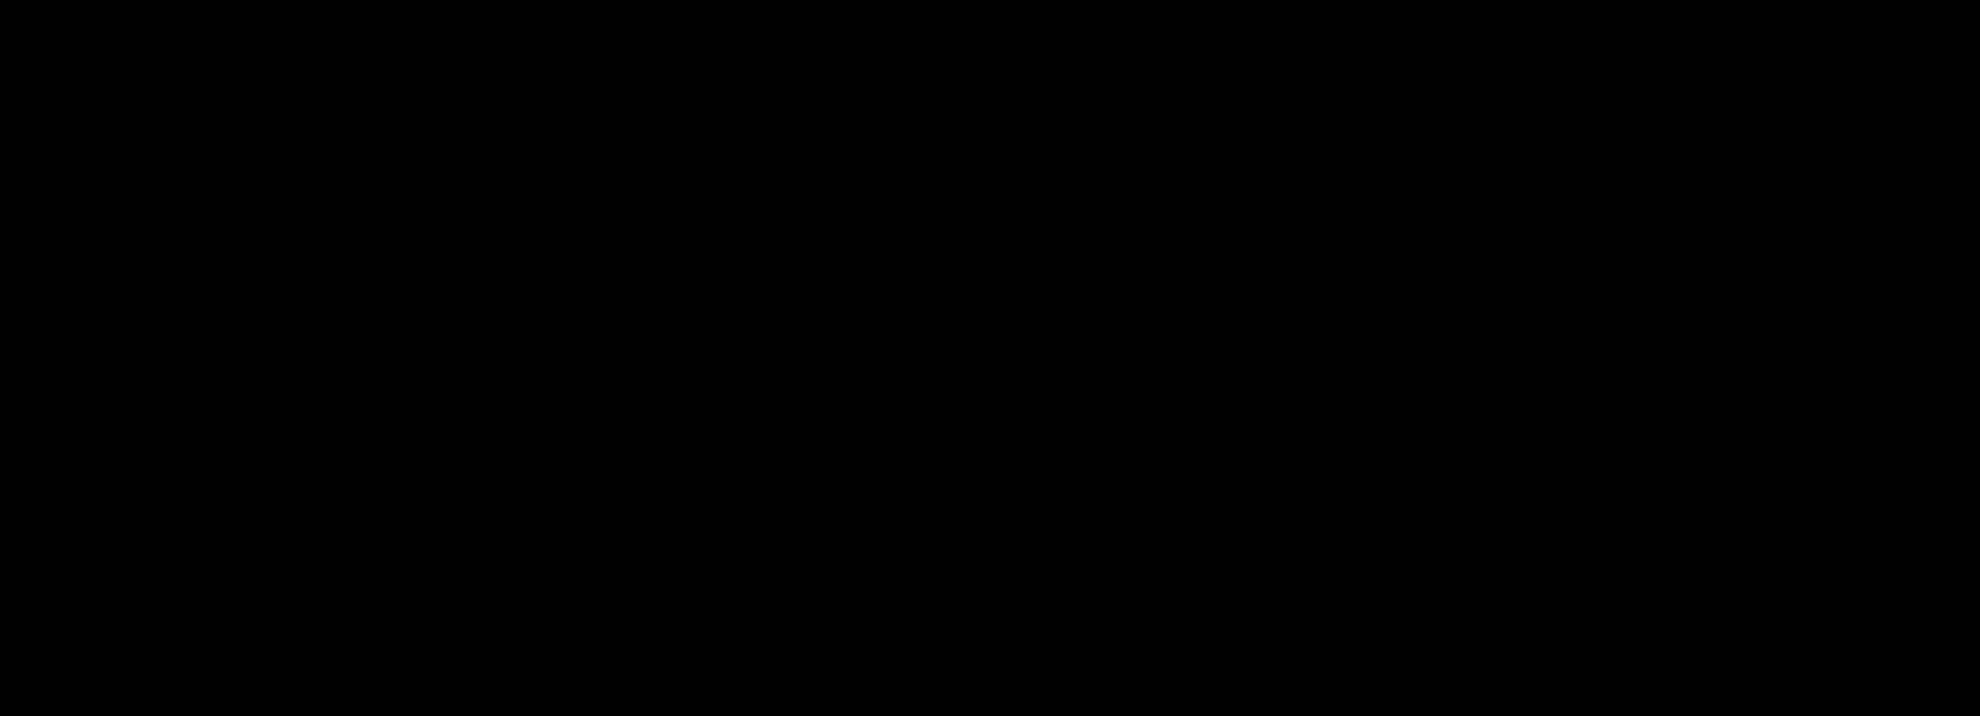 2-(Diethylamino)-N-((3-(3-methoxy-d<sub>3</sub>-phenyl)isoxazol-5-yl)methyl)acetamide